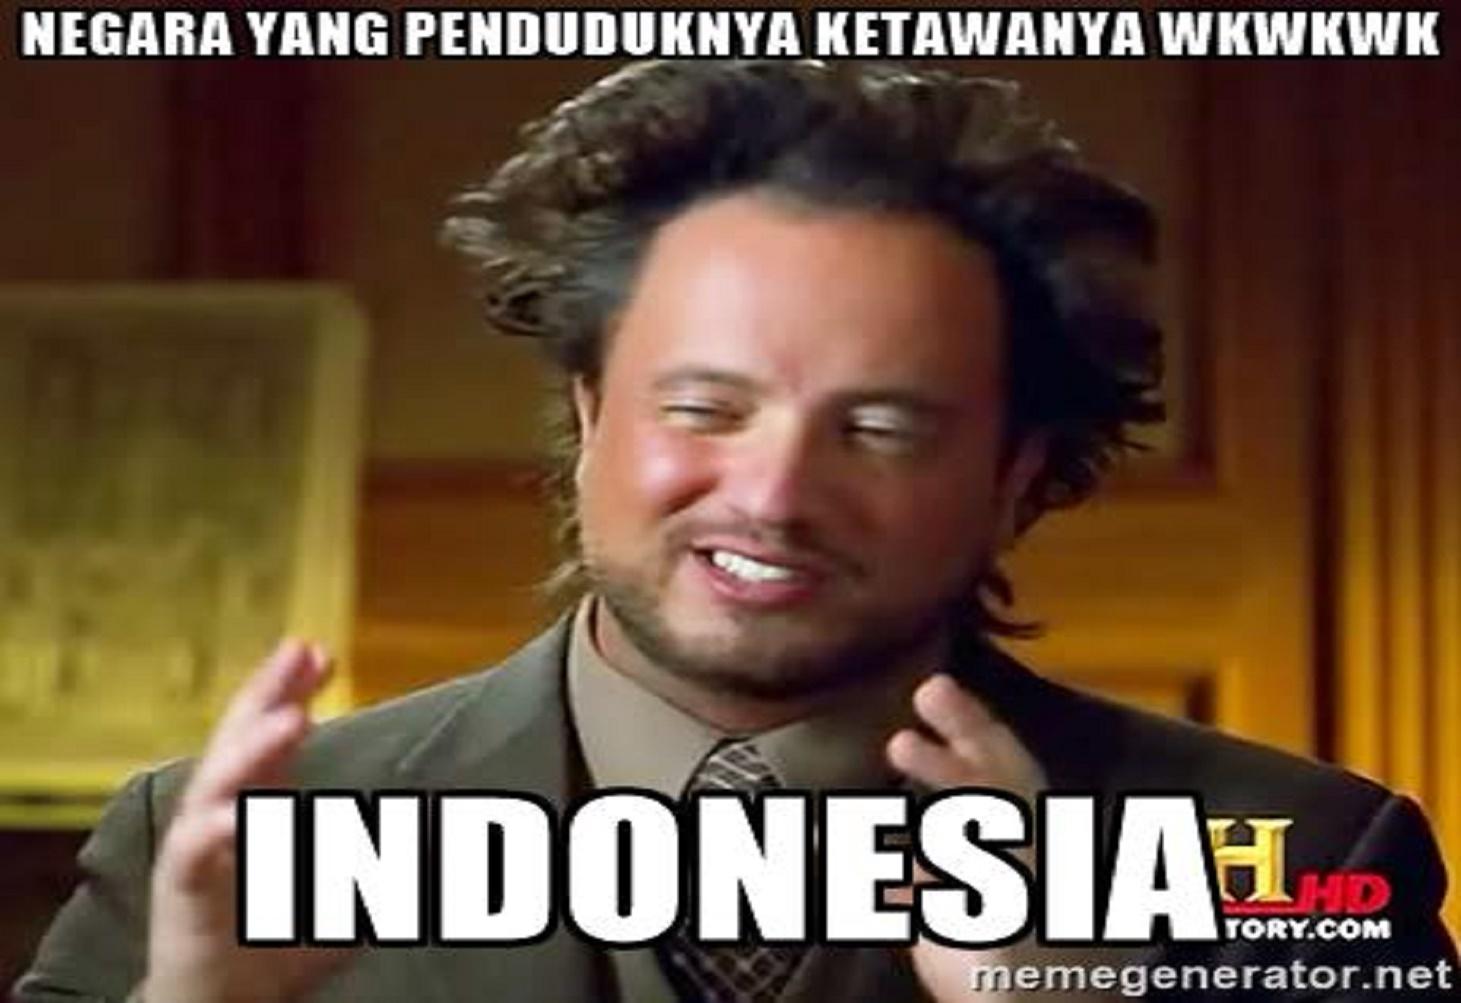 Mengapa di Indonesia 'Wkwk' Digunakan untuk Ekspresikan Tertawa Saat Chatting?